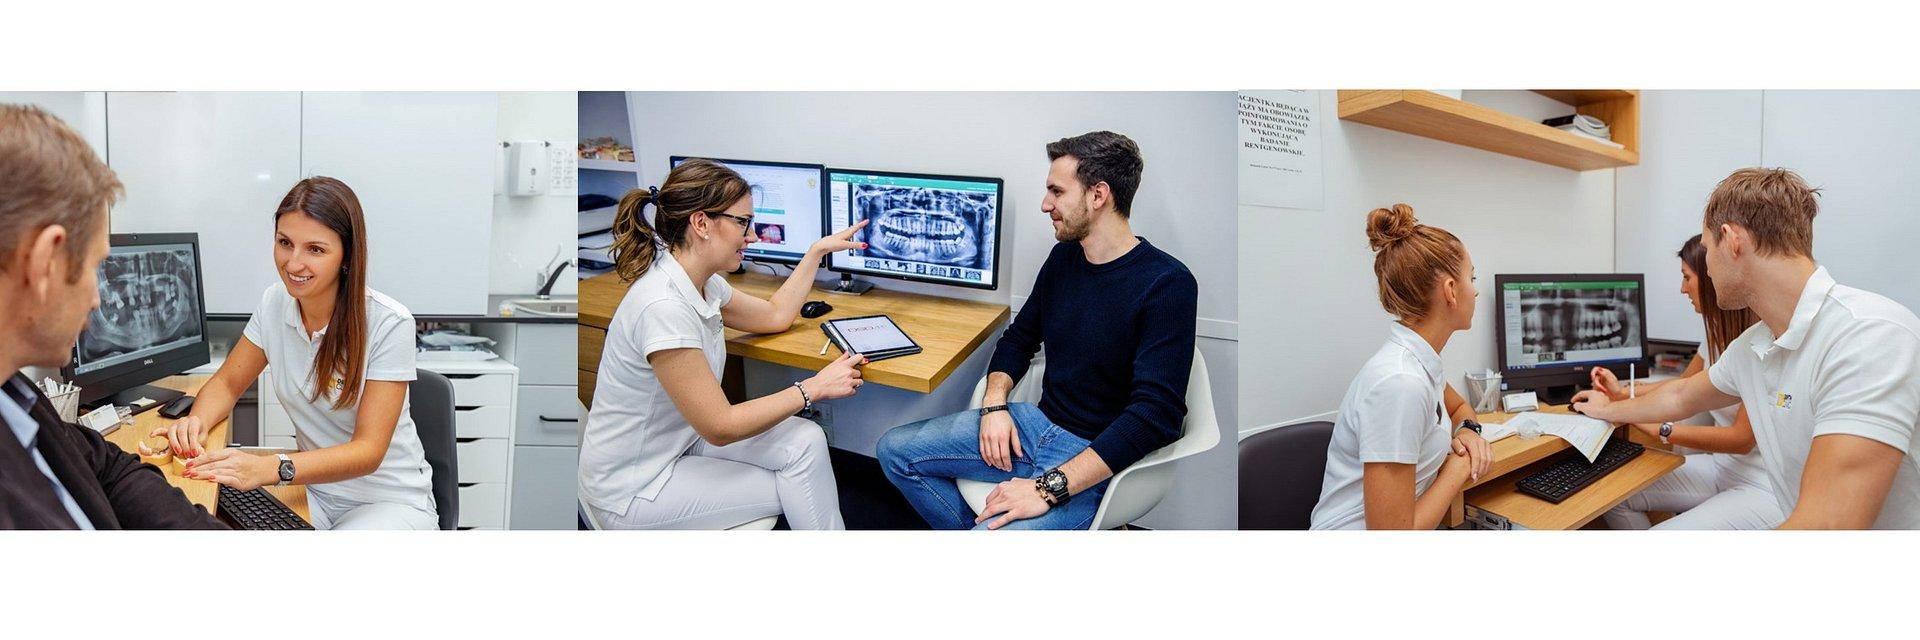 Dentystyka oparta na lokalnych liderach, czyli nowe kliniki w Medicover Stomatologia